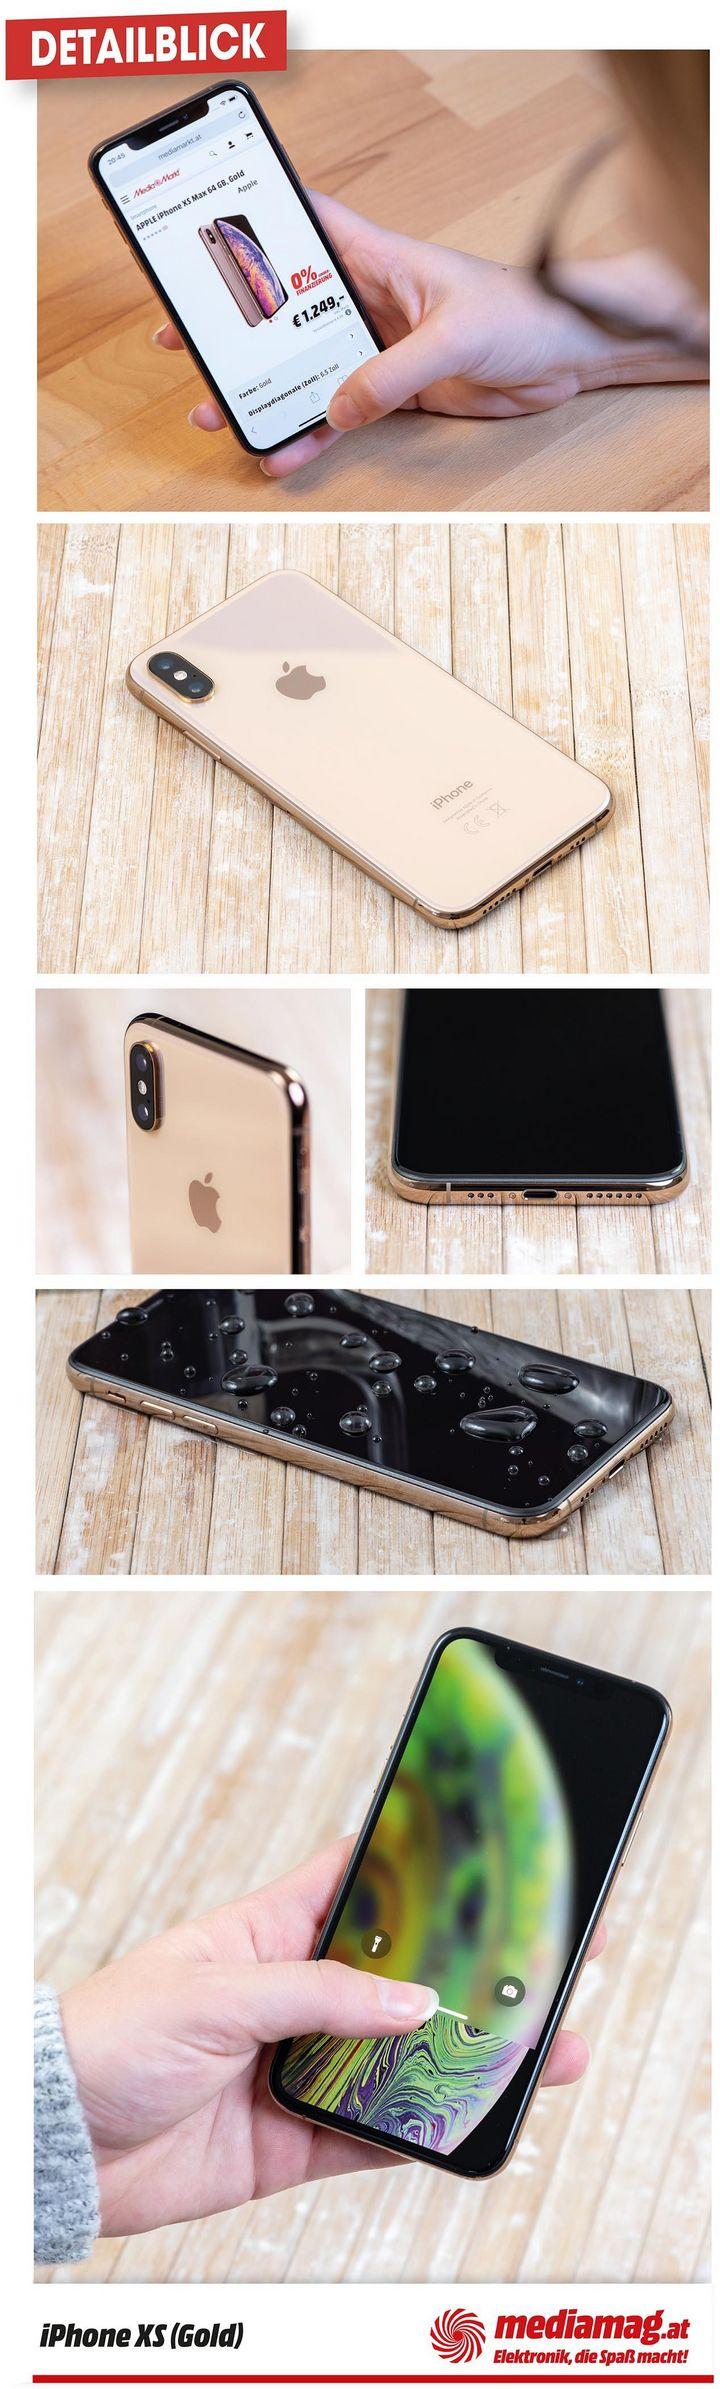 Die coolsten Details des neuen iPhone XS.